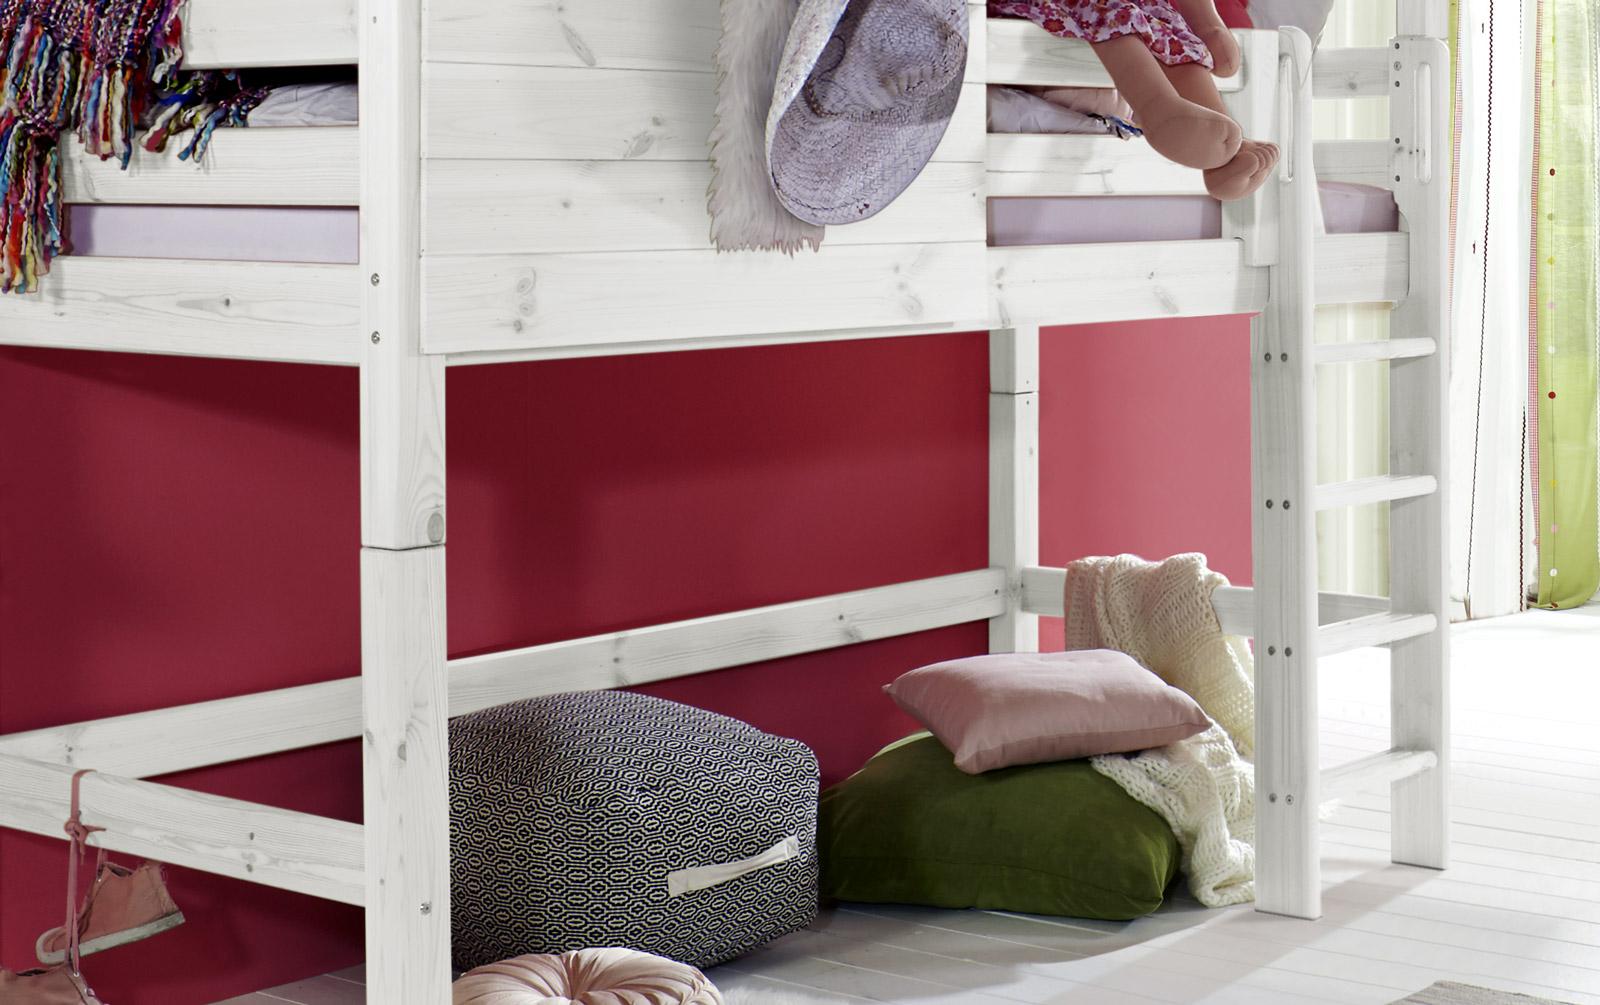 Etagenbett Mädchen : Extra hohes abenteuer hochbett für mädchen kids paradise